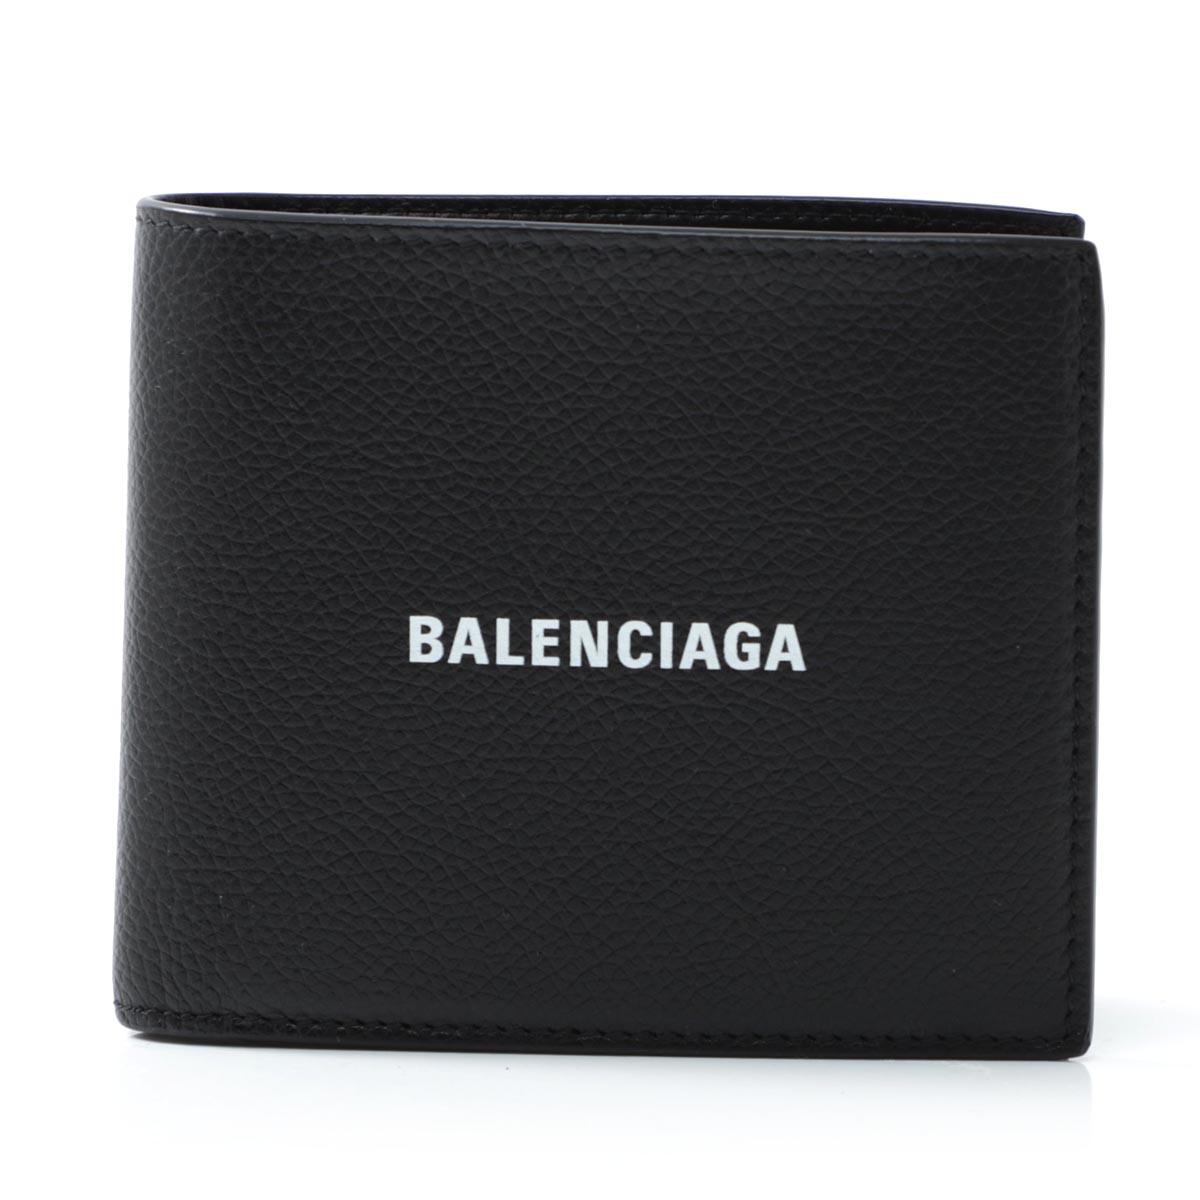 バレンシアガ 594315 1IZ43 1090